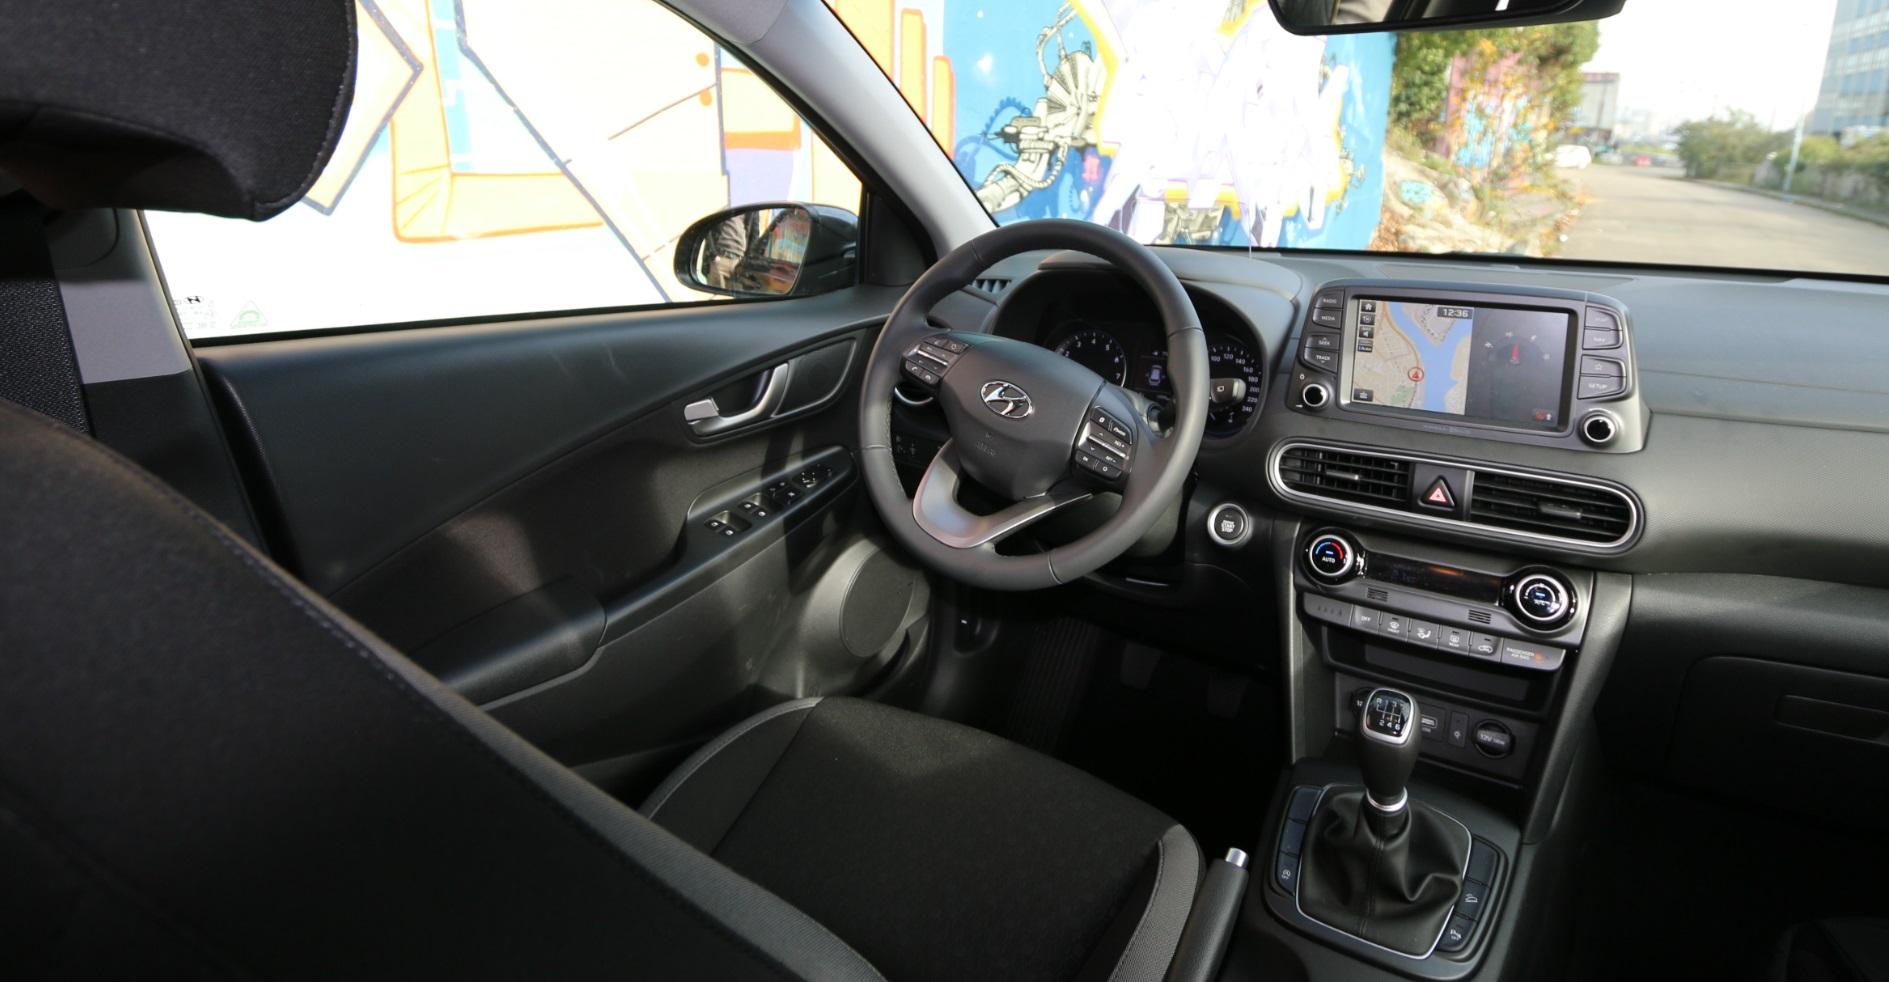 Hyundai Kona Un Suv Urbain Anticonformiste Auto Moto